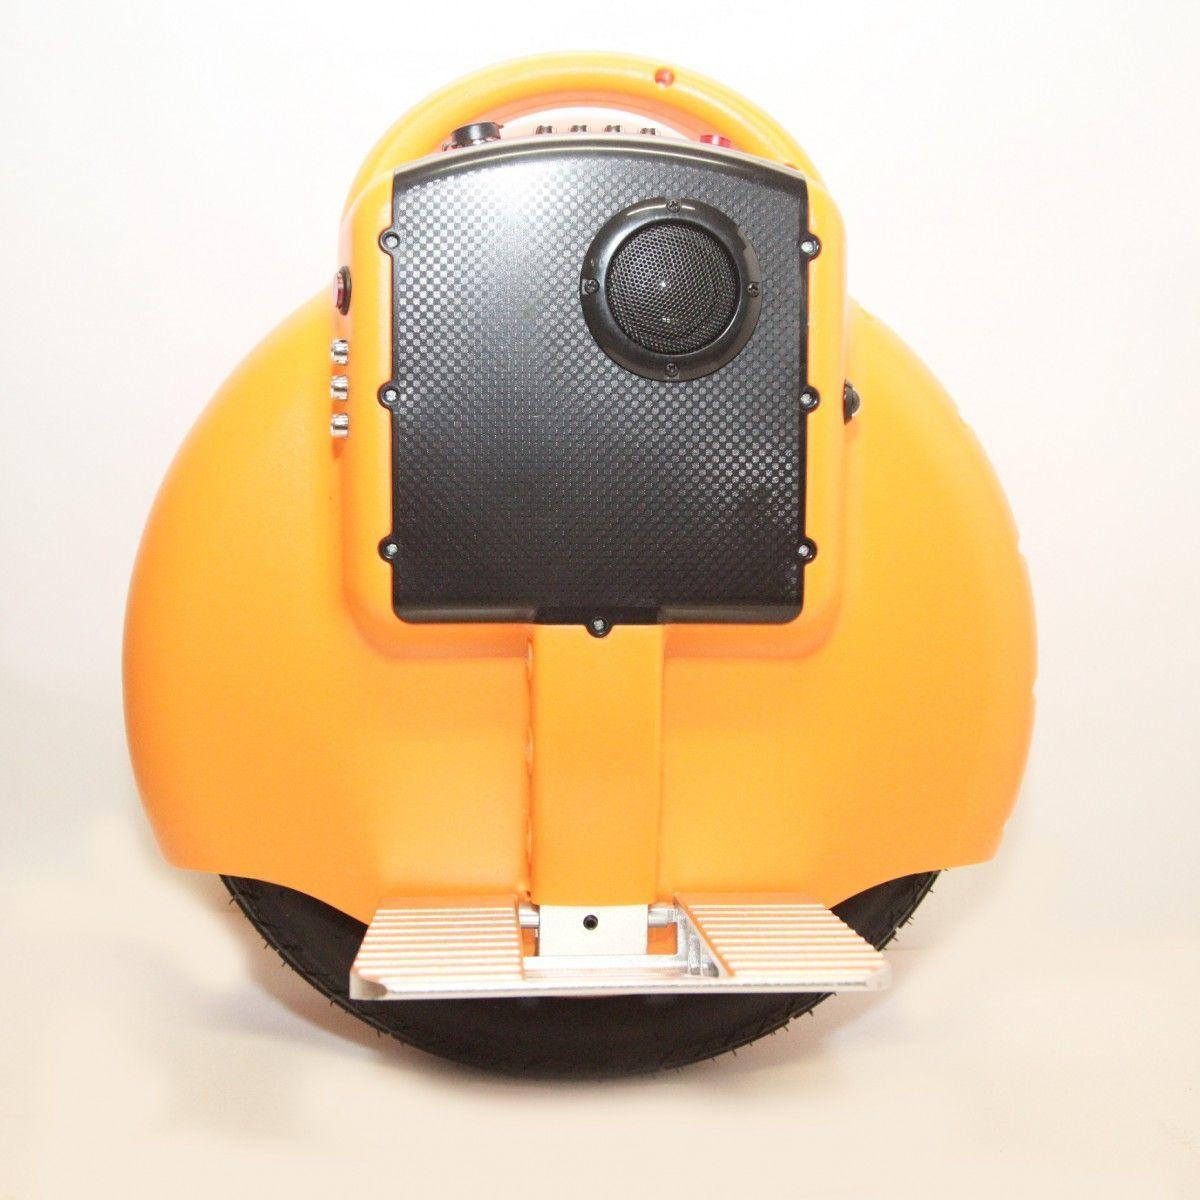 Гироскутер моноколесо HTDDC-D03 Electric Unicycle 14 (Bluetooth) OrangeМоноколеса<br>Моноколесо Electric Unicycle S3 14? Оранжевое (Bluetooth, музыка) — быстрая и легкая замена общественного транспорта<br><br> Магазин предлагает новую модель для городского использования — гироскутер S3 14? Оранжевое (Bluetooth, музыка), который никого не оставит равнодушным. Обладая запасом хода в 12 километров, он может промчать вас на скорости до 16 км/ч.<br><br><br> Этот шустрый агрегат не требует специально отведенной площадки. Он создан покорять городские просторы и легко домчит вас по назначению, будь то офис или спортплощадка, супермаркет или пикник в парке. Он не ограничит вас катаниями по парку в выходной день, но подарит свободу передвижения. Для S3 14? Оранжевое (Bluetooth, музыка) сложно отыскать сколь-либо существенные преграды, ведь он способен штурмовать гору с уклоном до 25 градусов.<br><br><br> Благодаря своей компактности он не стесняет ваши передвижения и отлично сочетается с городским транспортом, позволяя доехать до остановки, загрузится, выйти и помчаться дальше по назначению. Его не сложно перемещать или просто везти за собой, что освобождает вас от хлопот с парковкой.<br><br><br> Всего пару часов на обучение в парке и погнали по настоящим улицам. Вам не просто гарантировано внимание окружающих, но ощущения будут уникальными. К бесшумному гироциклу очень скоро привыкаешь, а он дарит вам нереальное ощущение полёта и удовольствие от открытого пространства и свободы.<br><br><br> Кататься на этой модели вдвойне приятней, ведь она оснащена звуковыми динамиками и поддержкой Bluetooth. Вы сможете прокачать это моноколесо любимой музыкой с вашего iPad, iPhone, Android и других bluetooth-ресиверов. Возьмите музыку в дорогу!<br><br><br> Дети, безусловно, будут рады такому подарку. Они всегда восторженно встречают удивительное средство передвижения, а небольшой вес и рост исключают возможность серьезного травматизма.<br><br> <br>Эксплуатационные качества моноколеса Elect